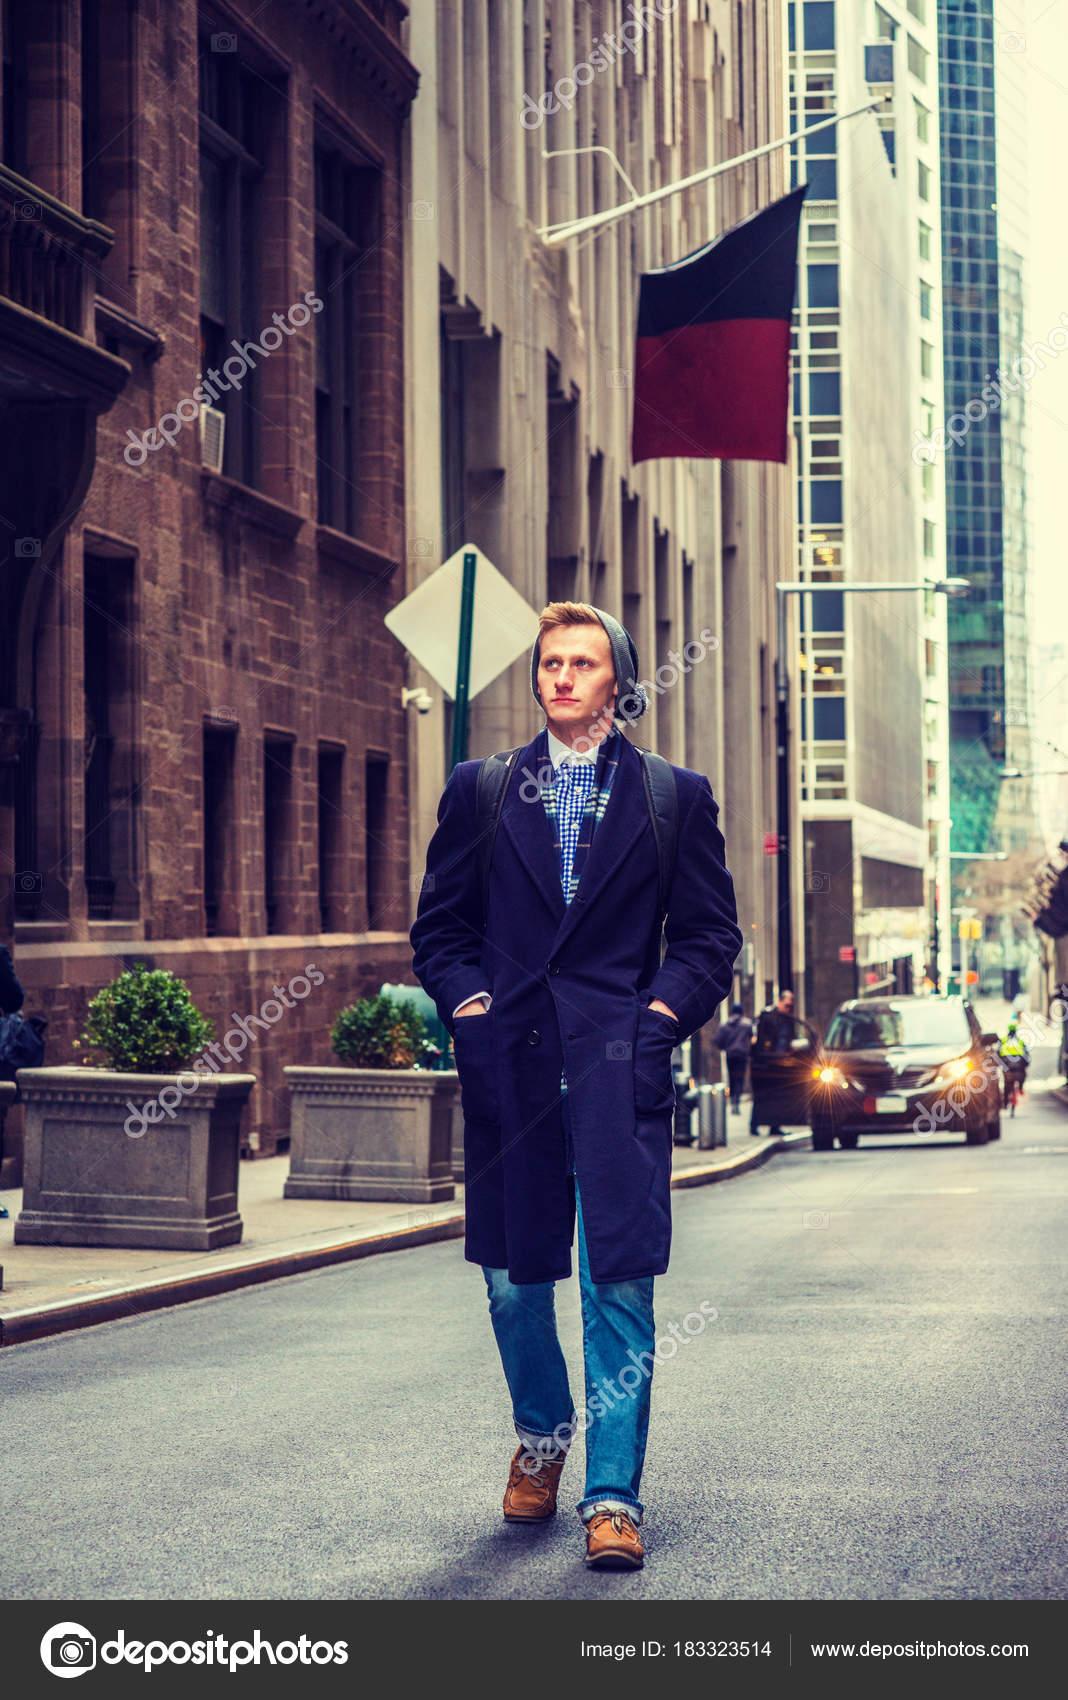 dos marcher manteau mains tricoter à voyageant les la long Bonnet porte avec poches homme Américain jeans rue New sur York dans sac bleu foulard Z64PqPYwH